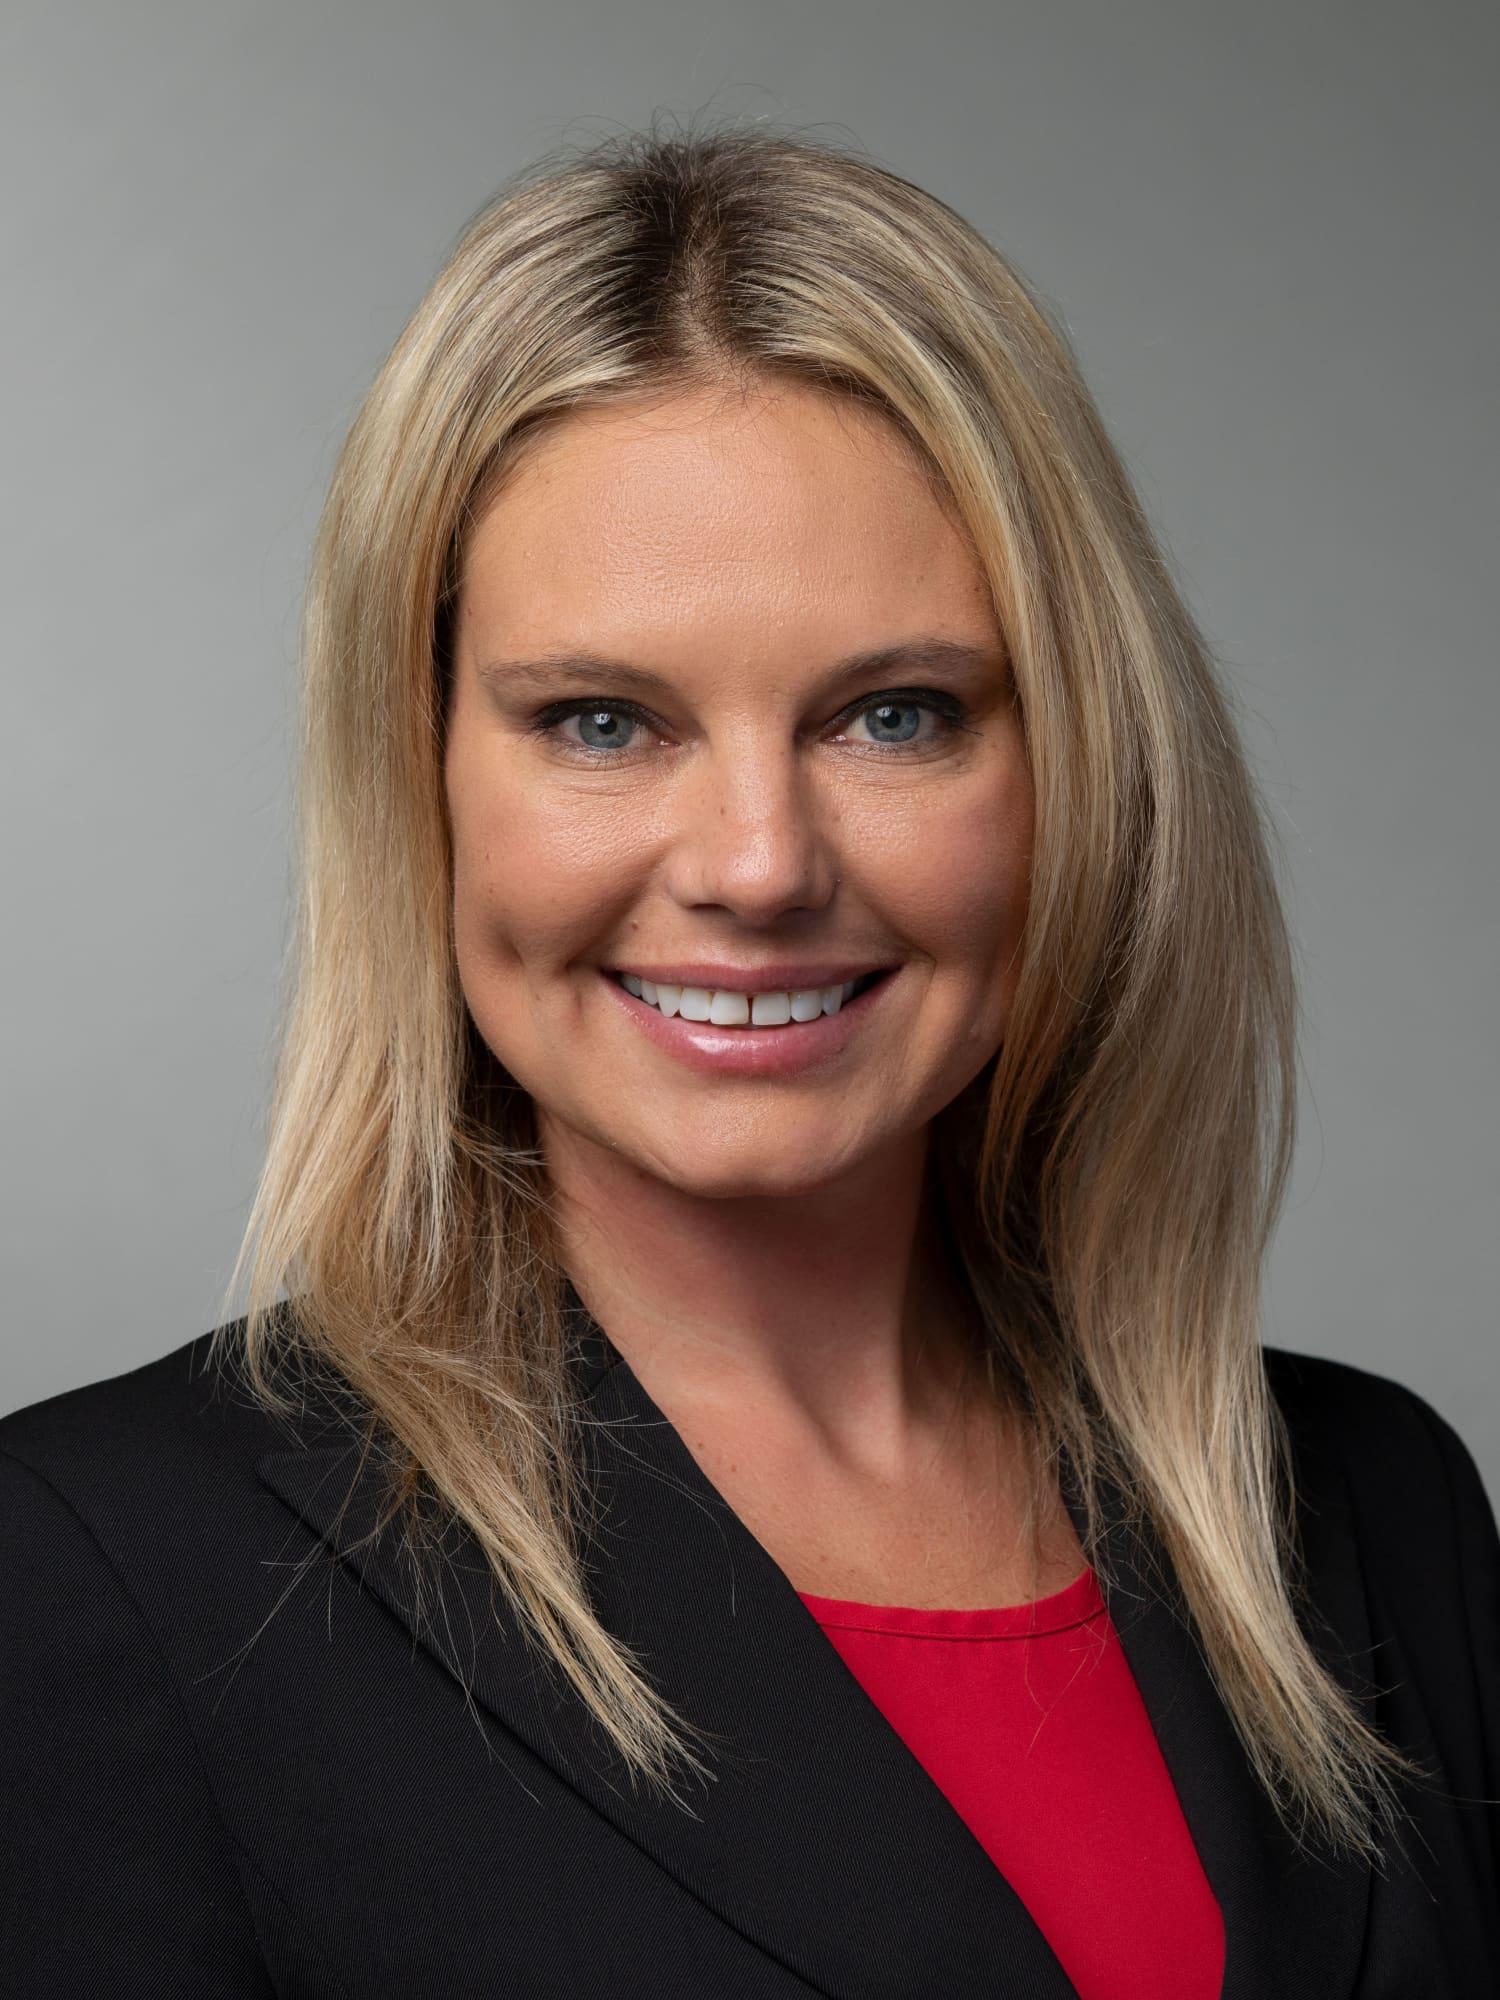 Megan de Carvalho